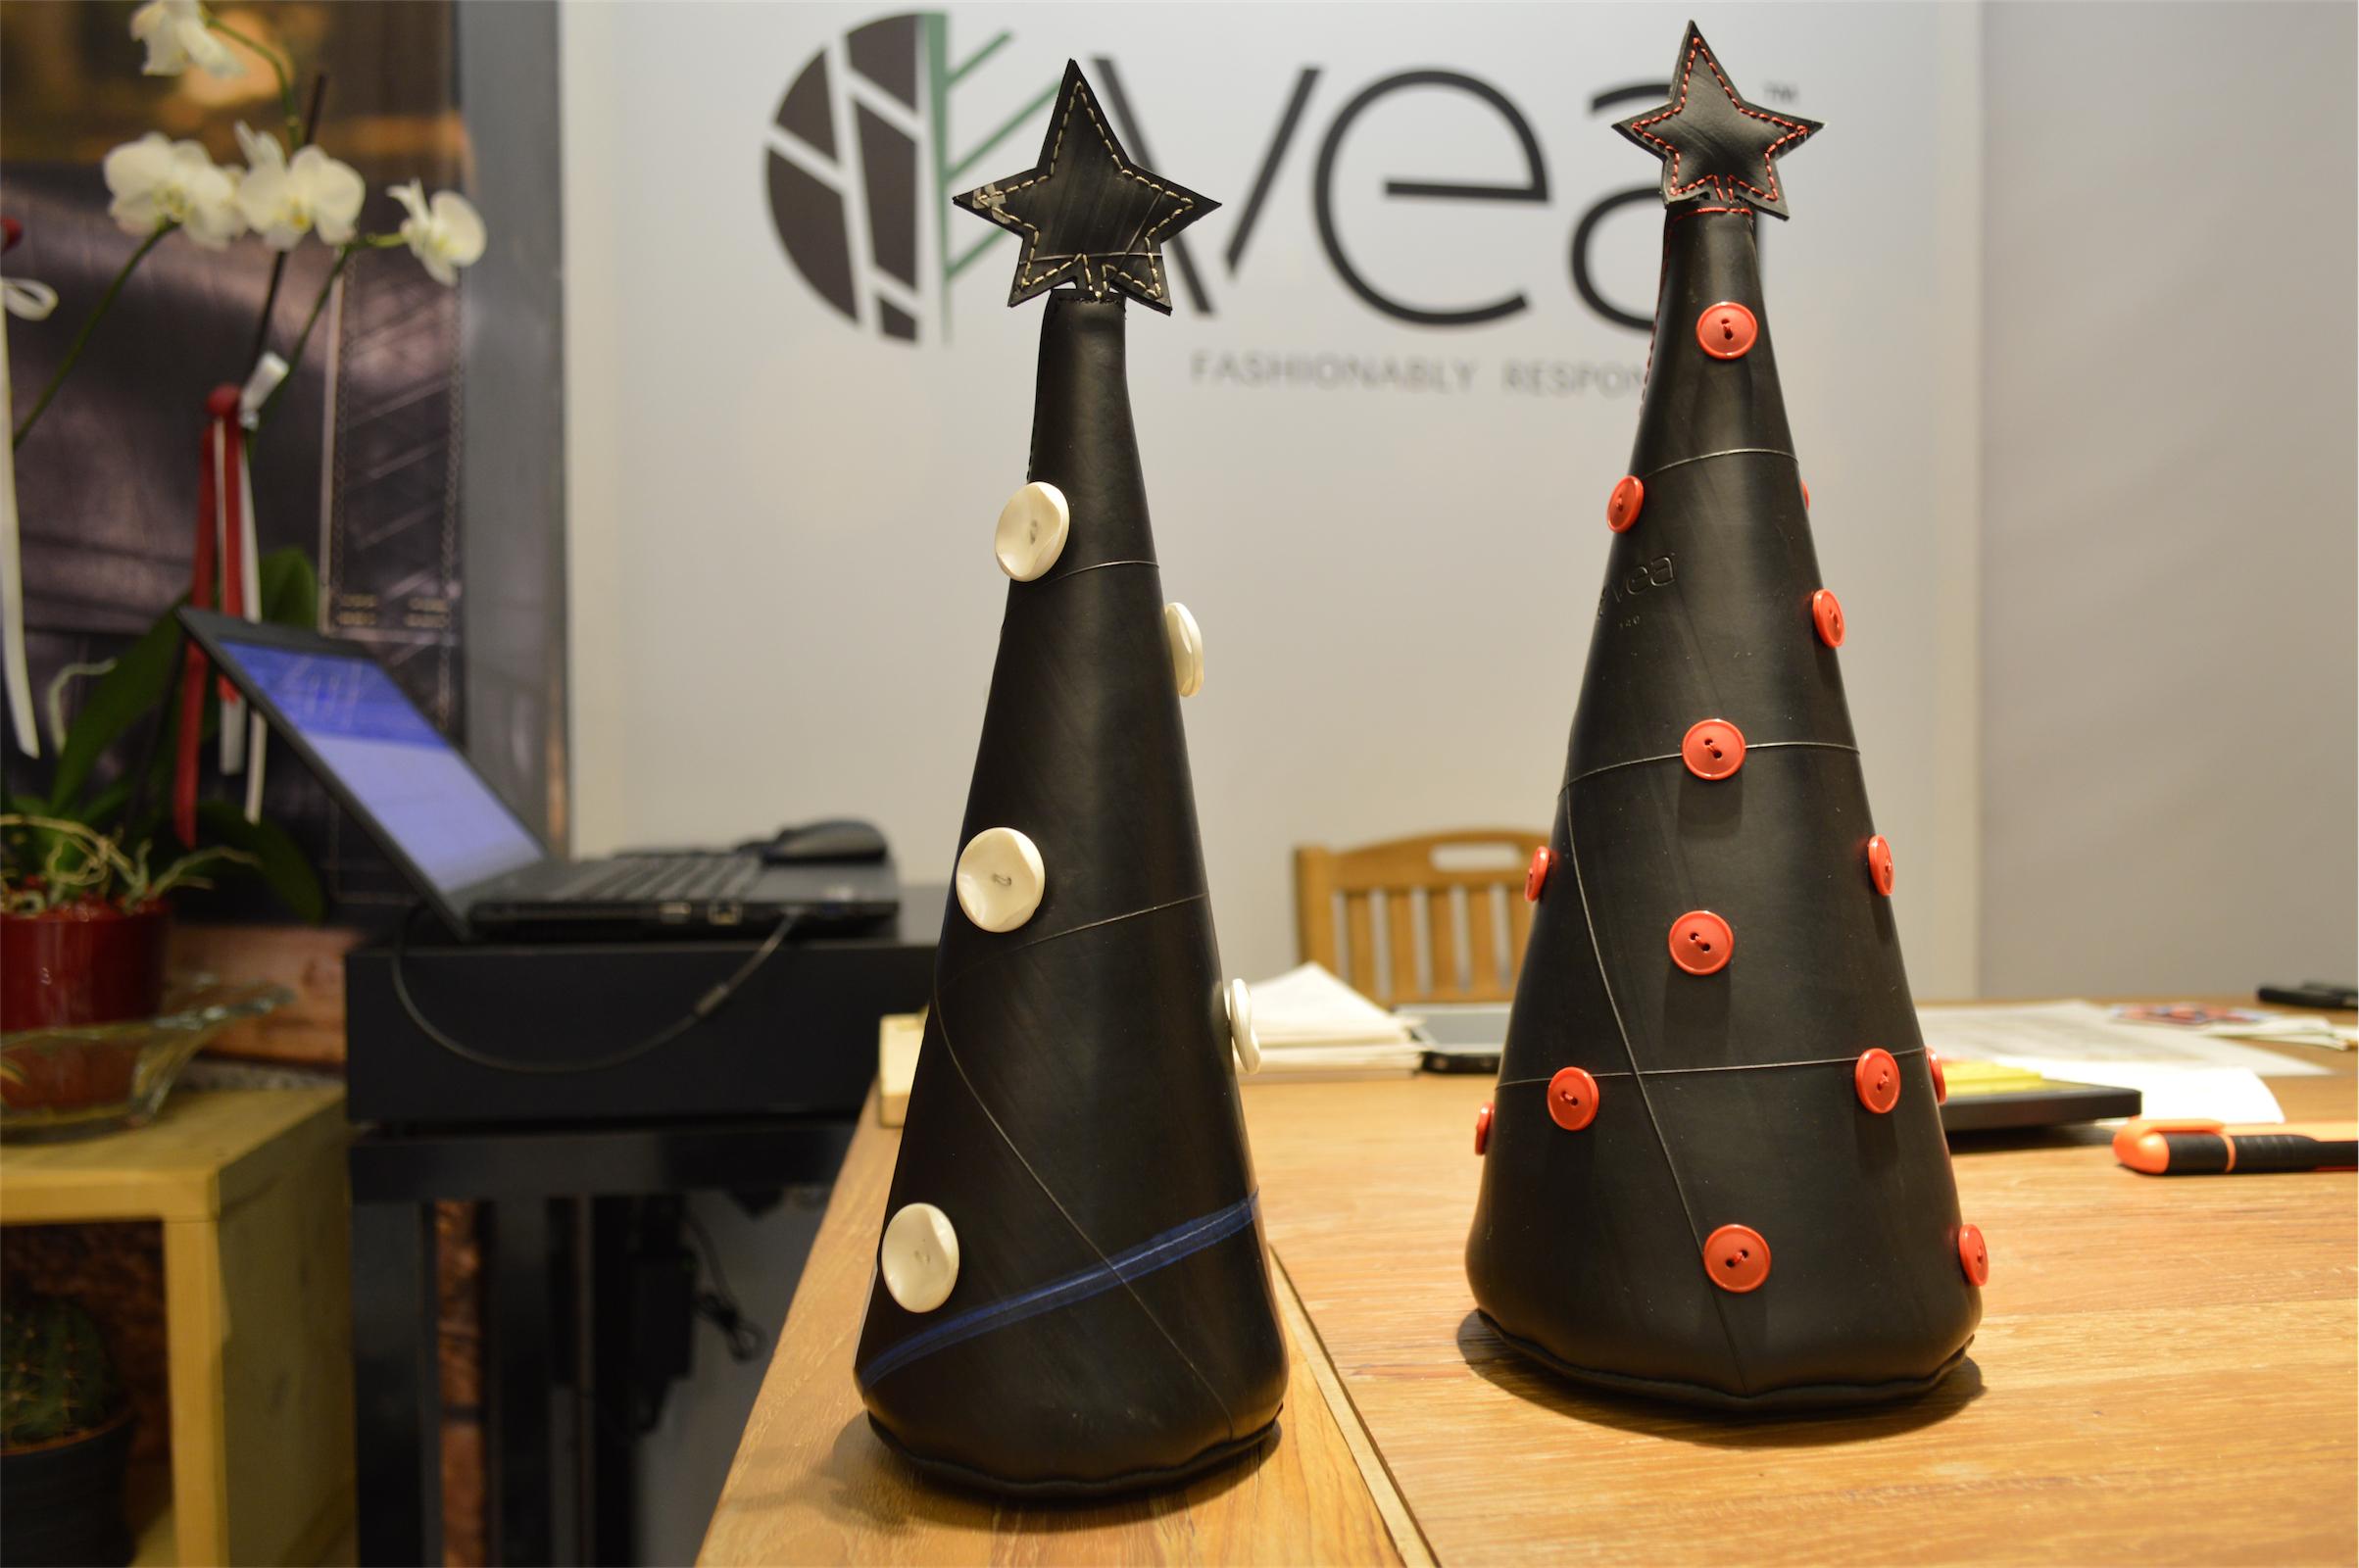 Vea Christmas Tree